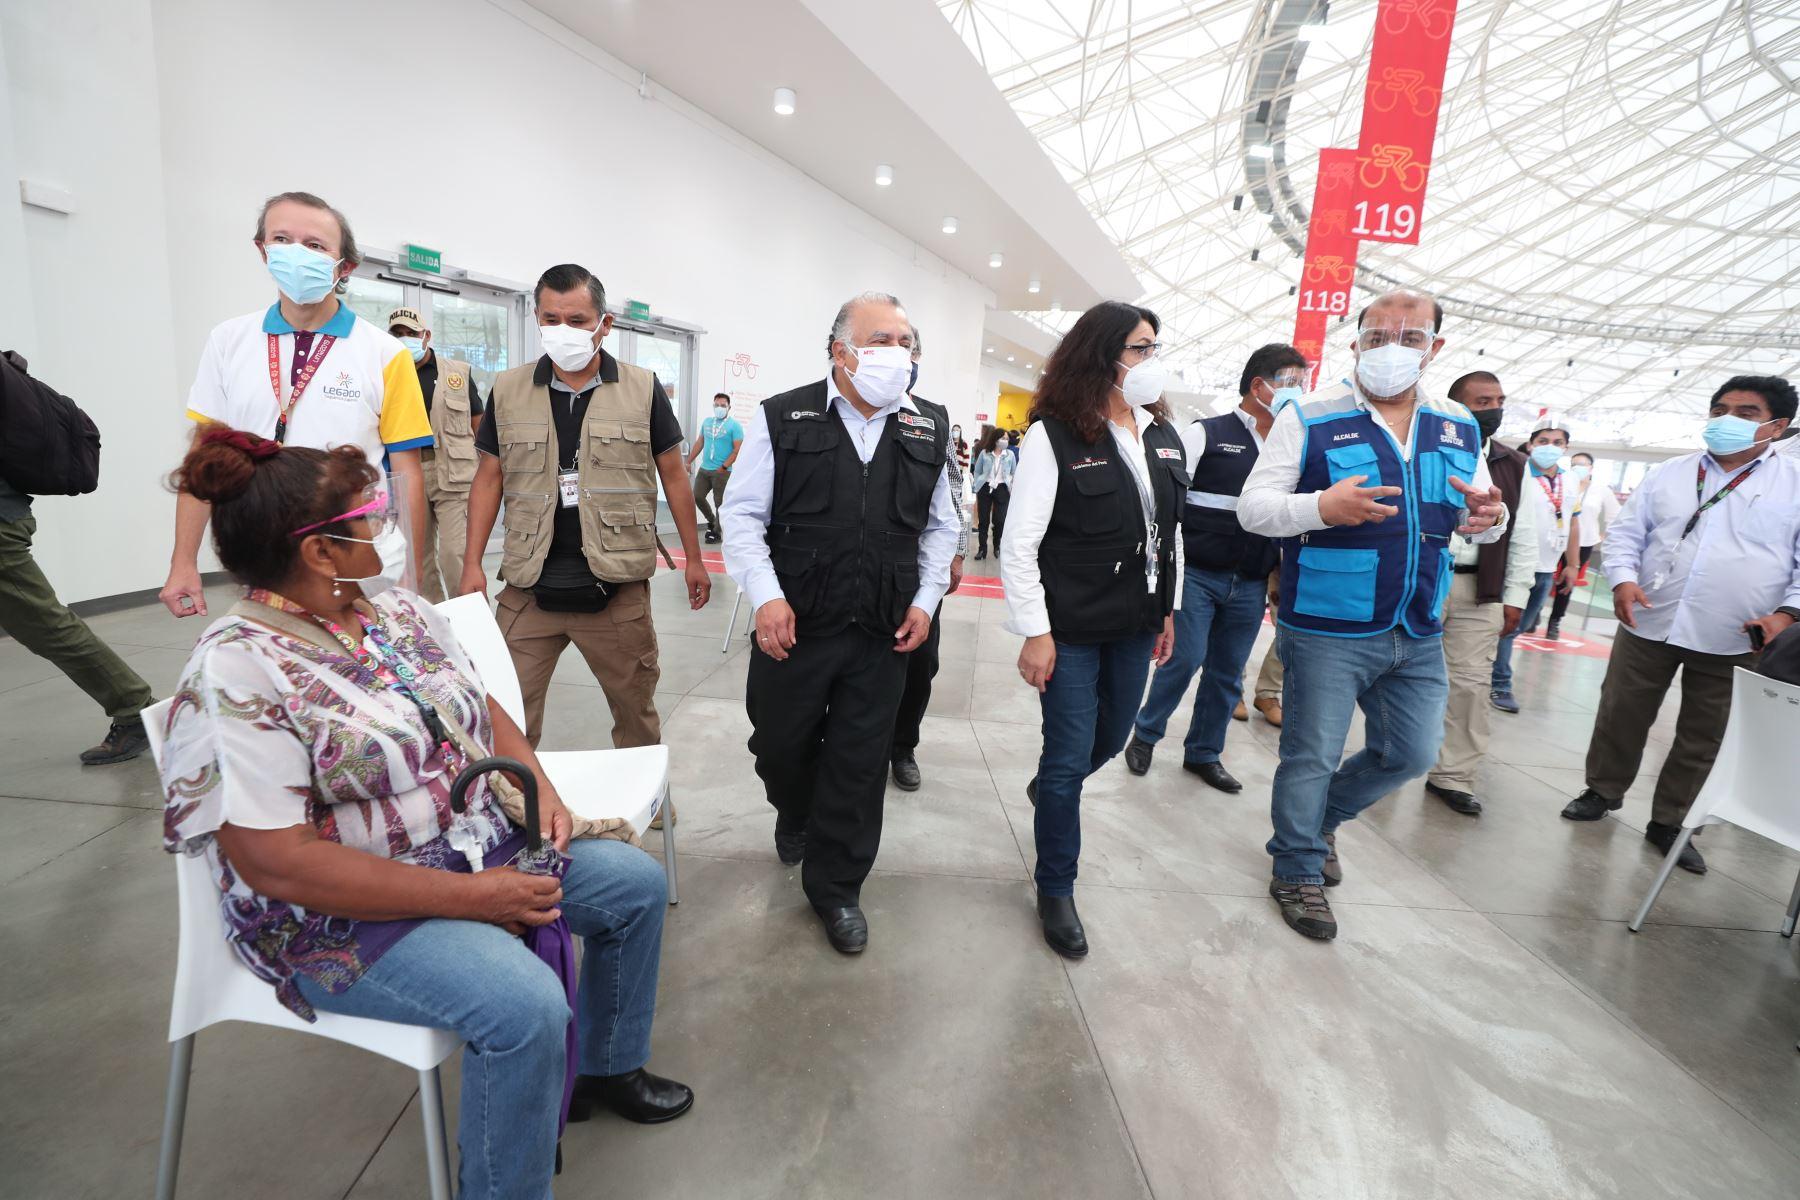 La presidenta del Consejo de Ministros, Violeta Bermúdez  y  el ministro de Salud, Oscar Ugarte supervisan el proceso de vacunación a adultos mayores de 70 años en el vacunatorio instalado en el Estadio Monumental de Ate y en la Videna. Foto: PCM